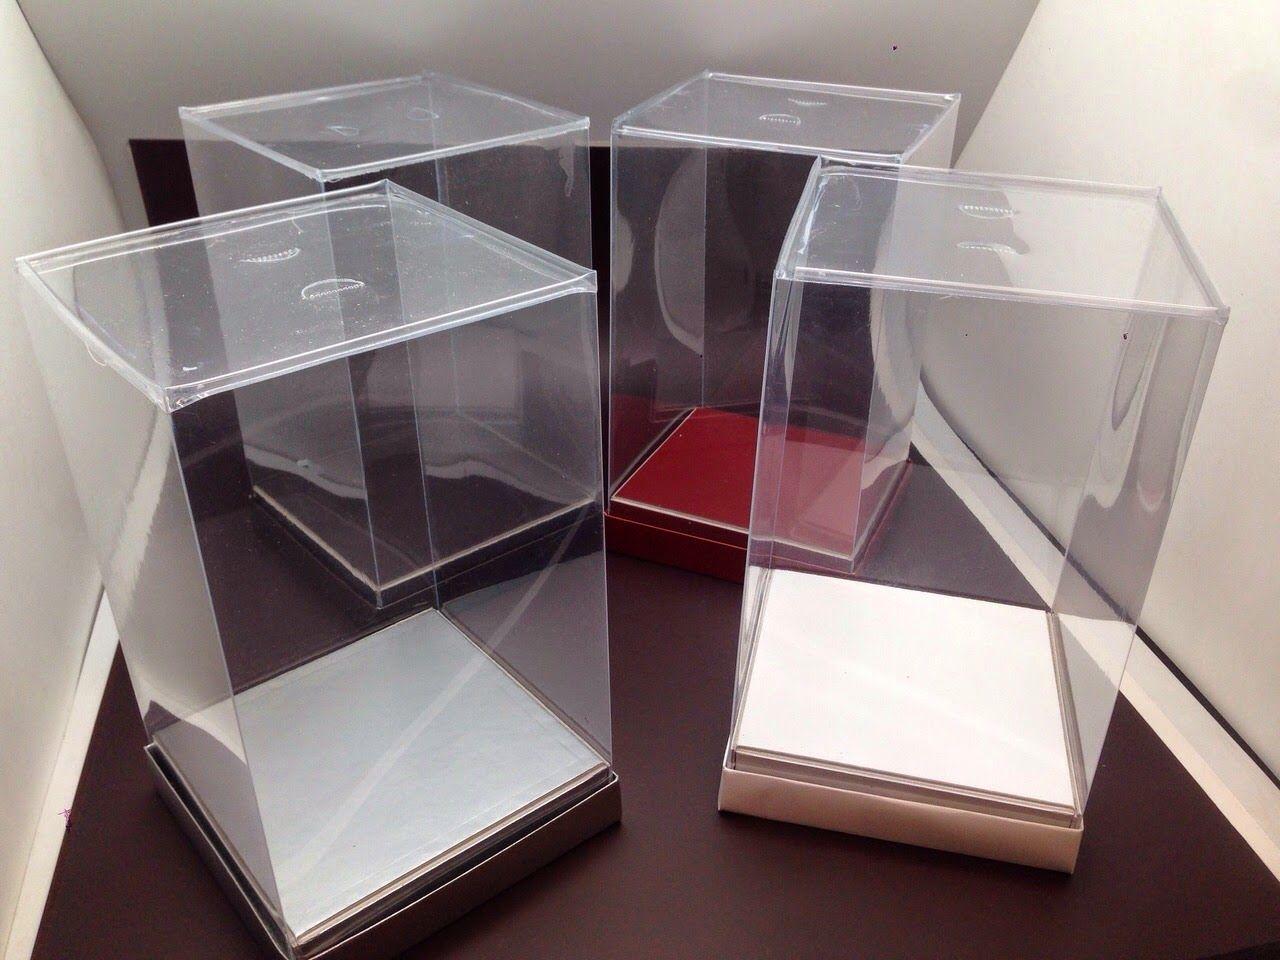 12 Cajas De Plastico Envases Pvc Acetato Bomboneras Cajas